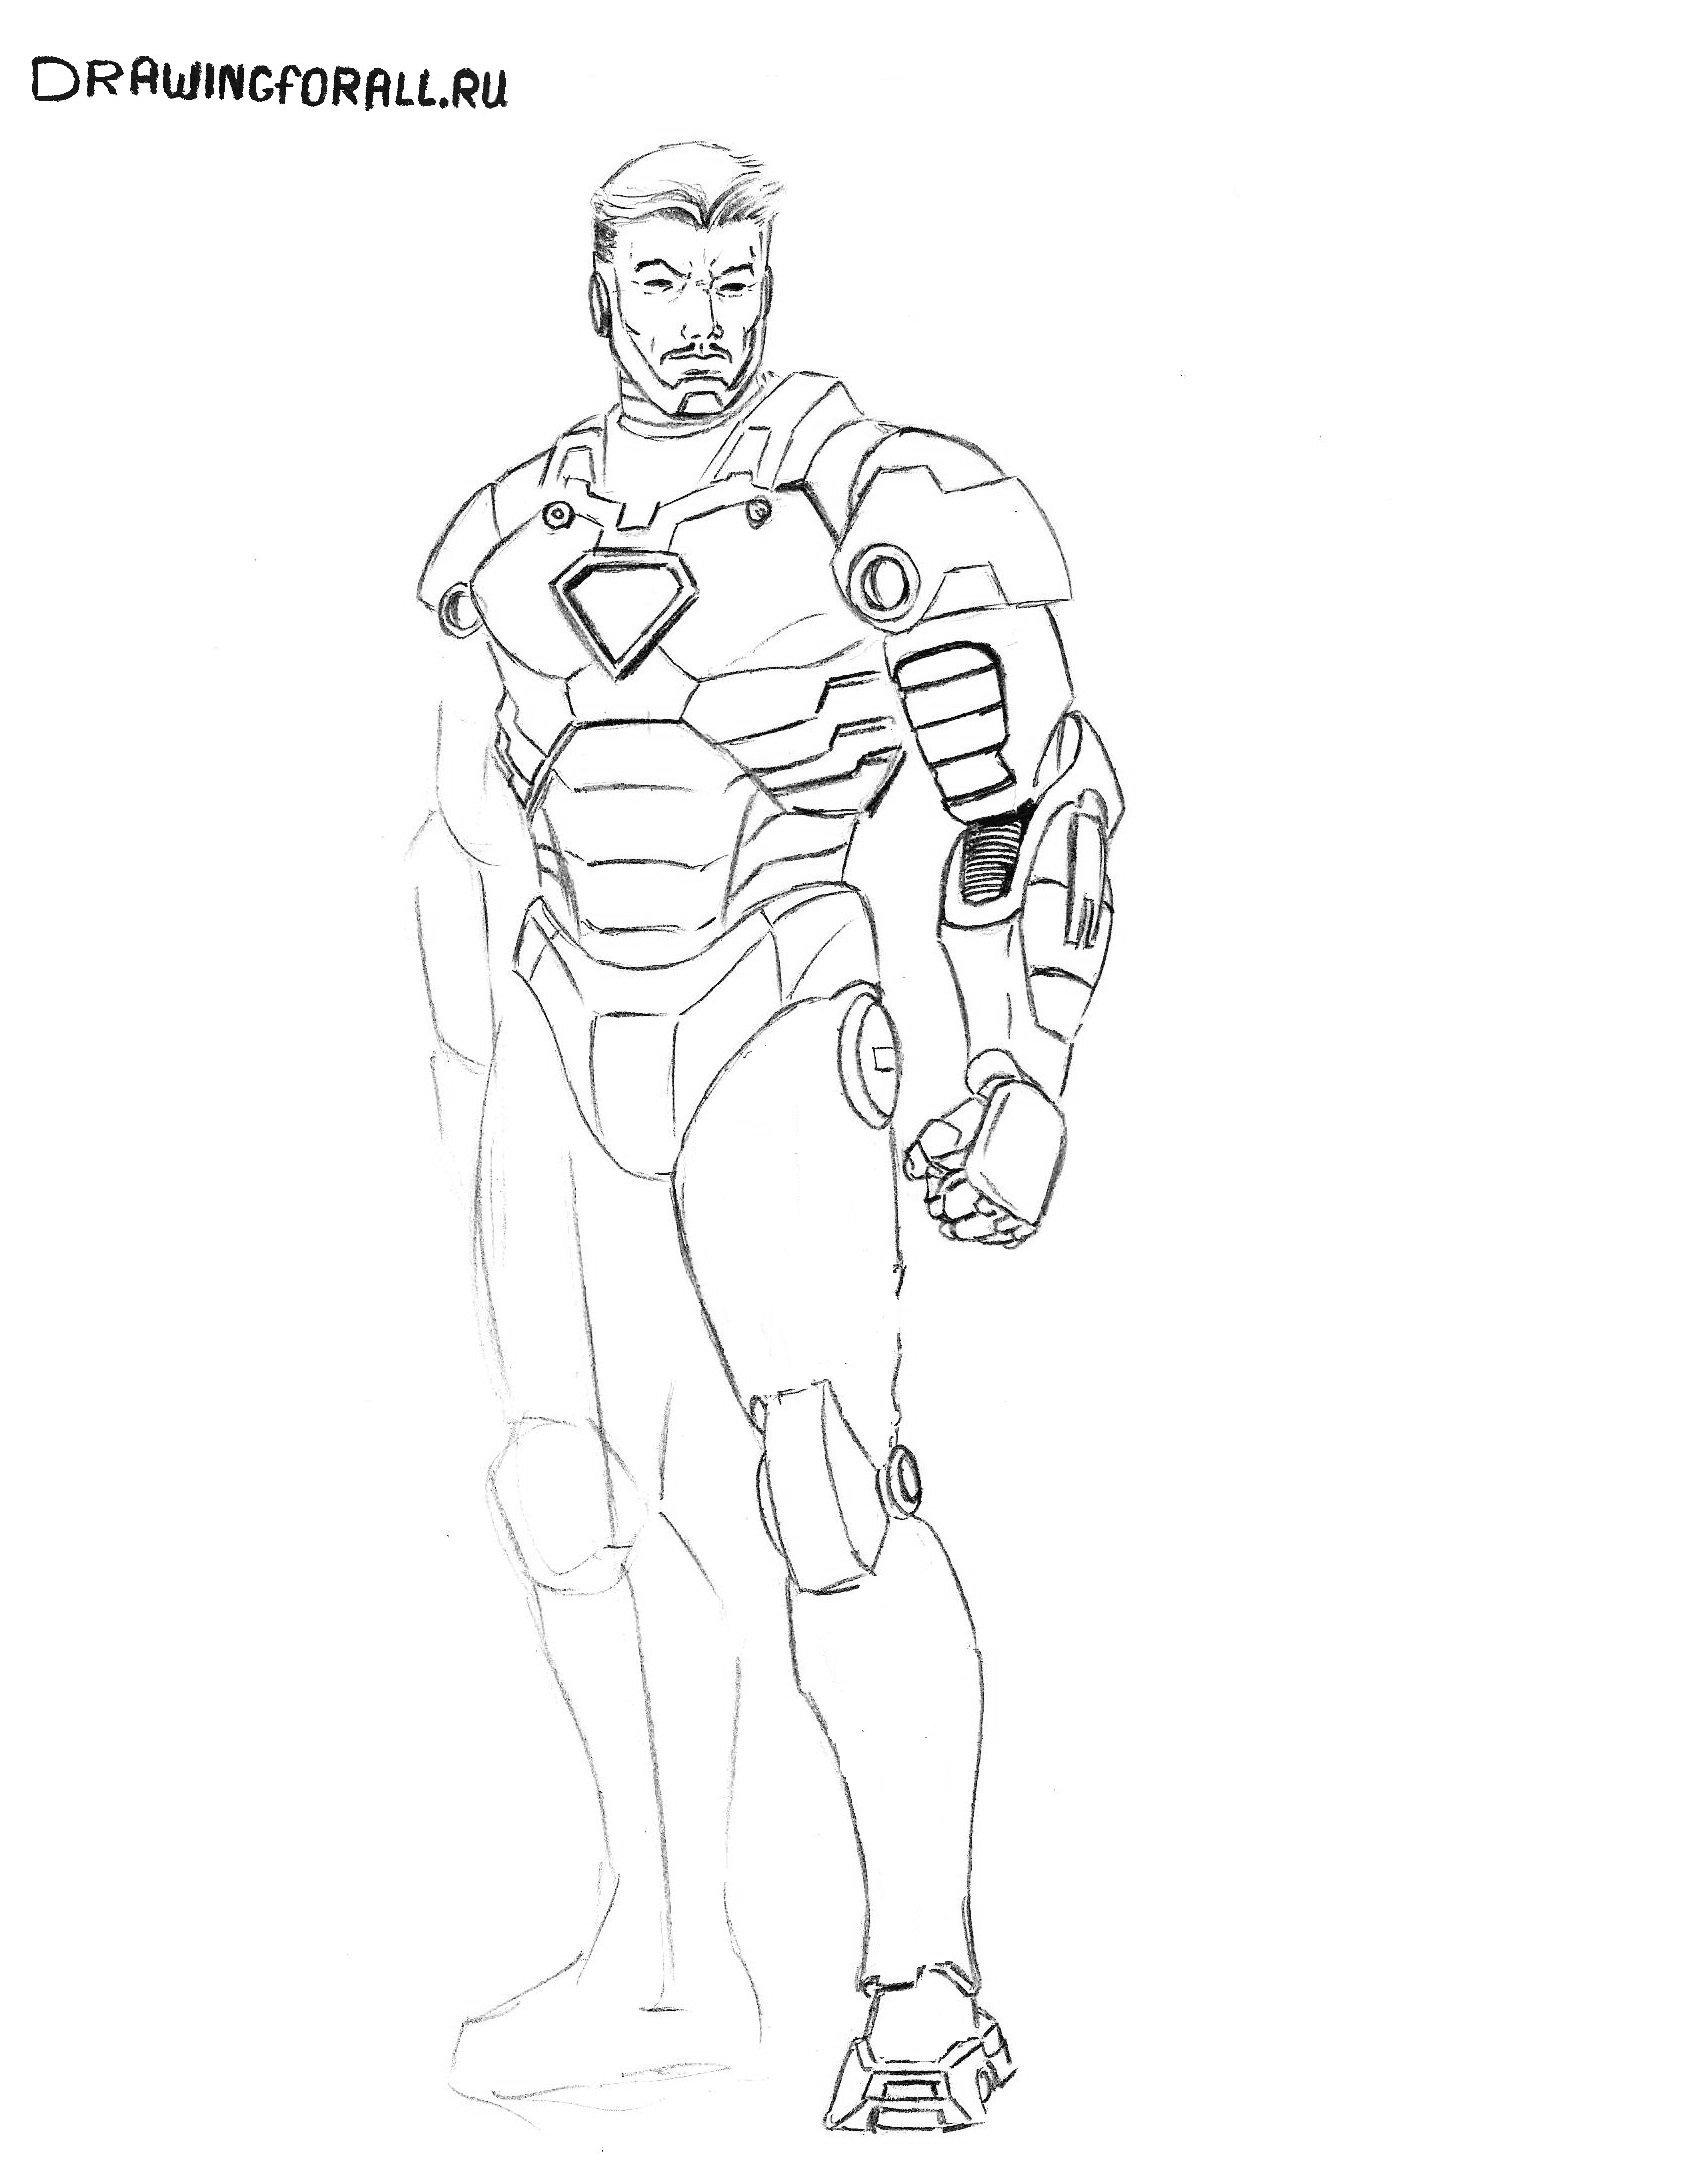 как нарисовать железного человека карандашом поэтапно